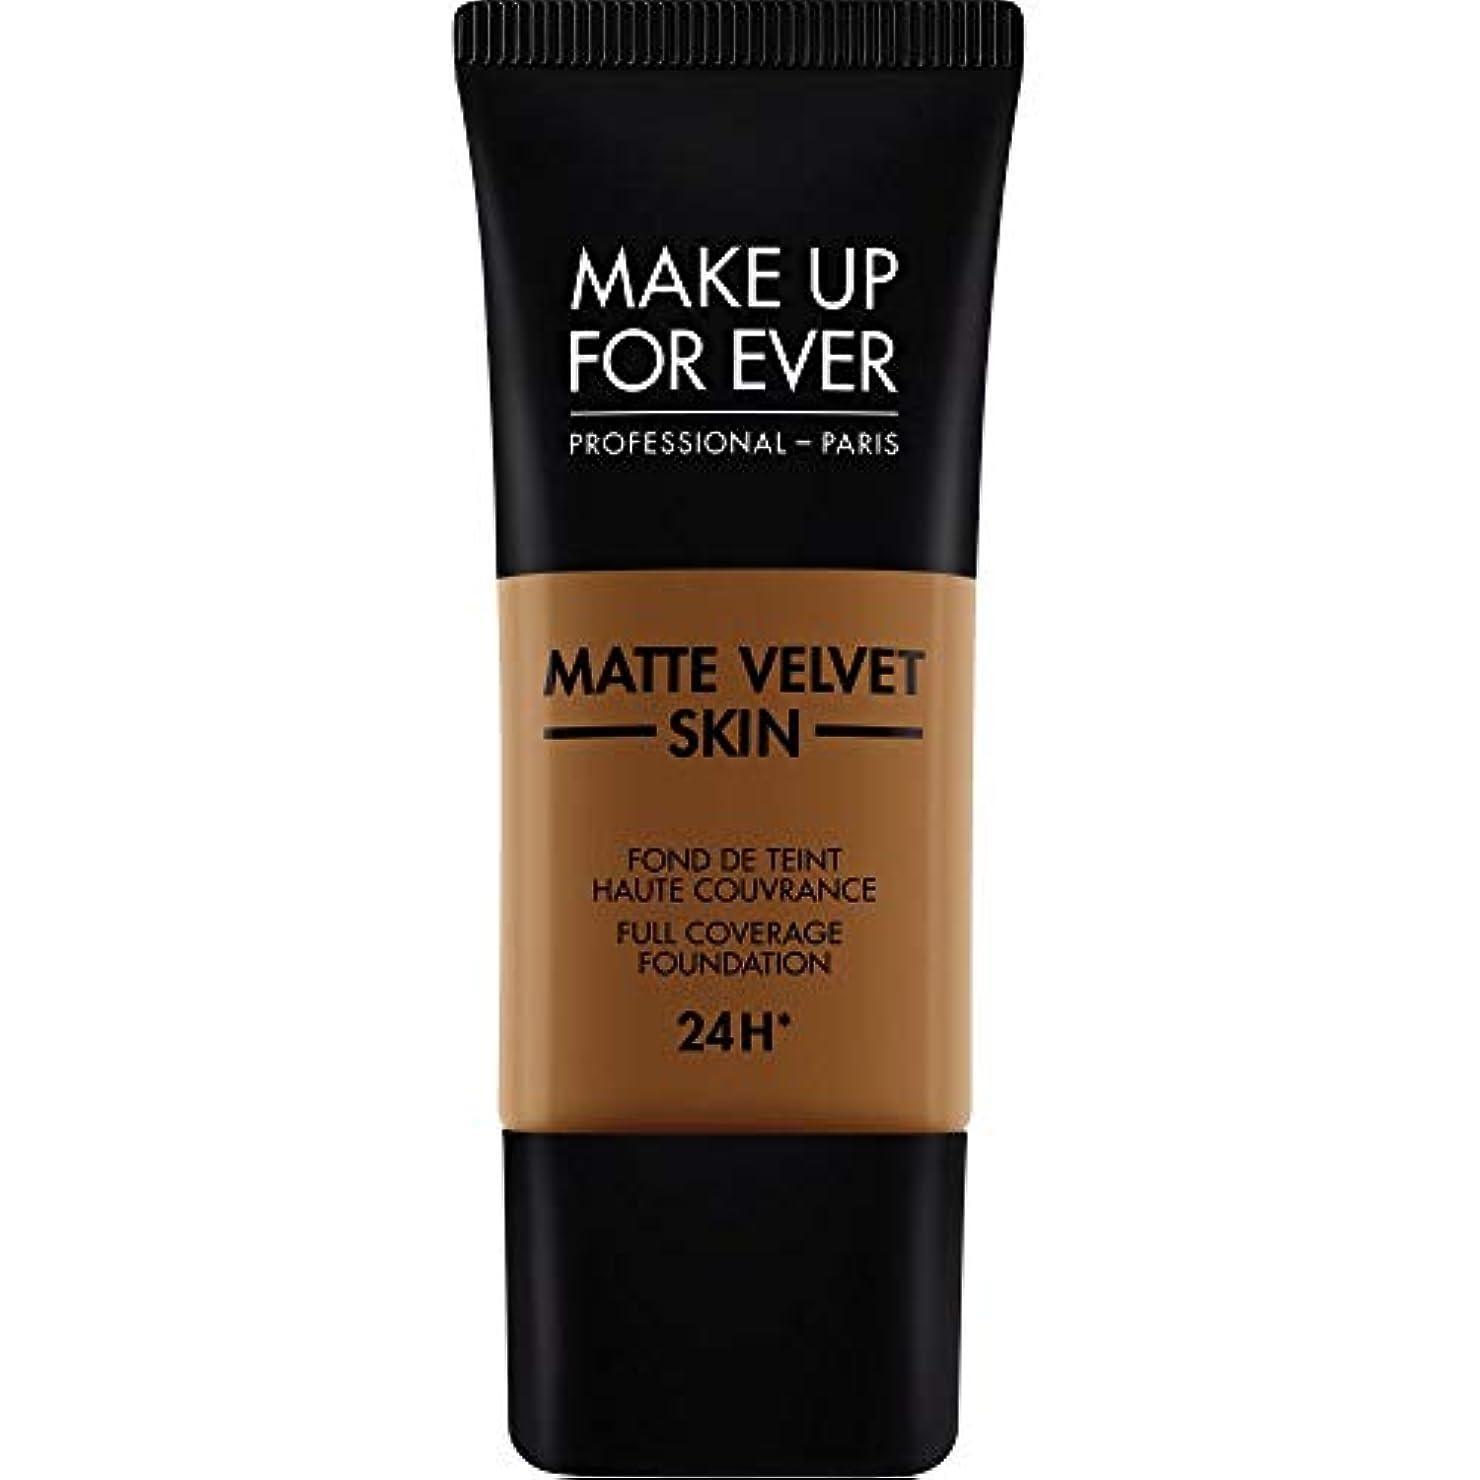 疫病アーティファクトディレクター[MAKE UP FOR EVER] これまでマットベルベットの皮膚のフルカバレッジ基礎30ミリリットルのR530を補う - ブラウン - MAKE UP FOR EVER Matte Velvet Skin Full Coverage Foundation 30ml R530 - Brown [並行輸入品]